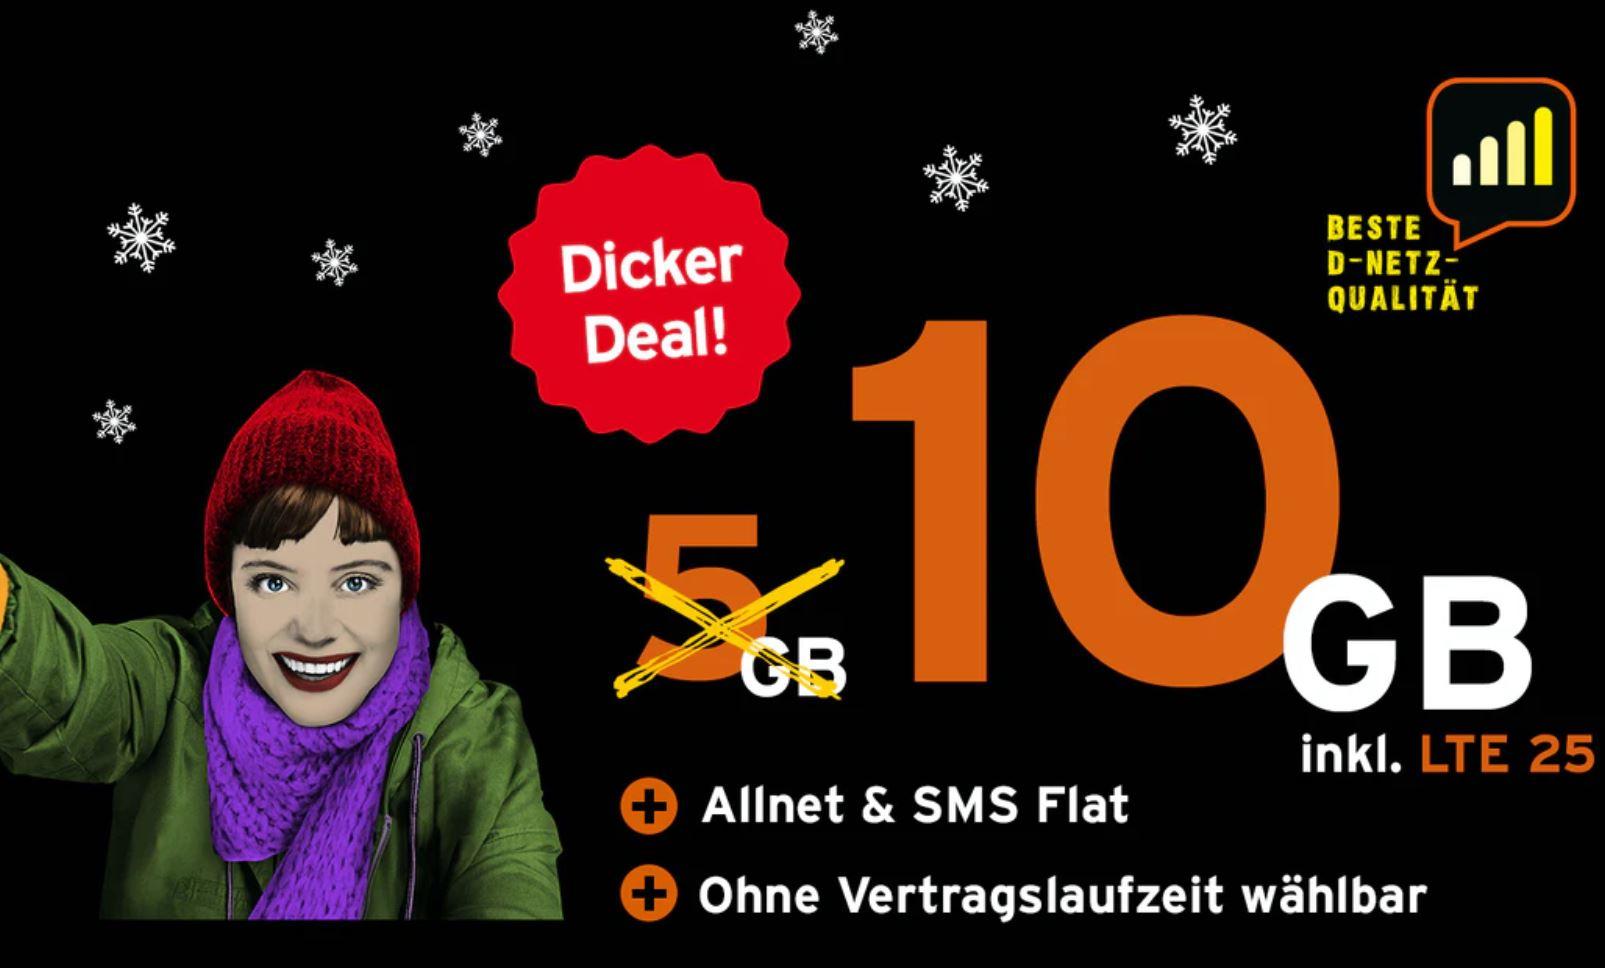 Reduziert: Congstar haut seine 10 GB Allnet-Flatrate günstiger raus